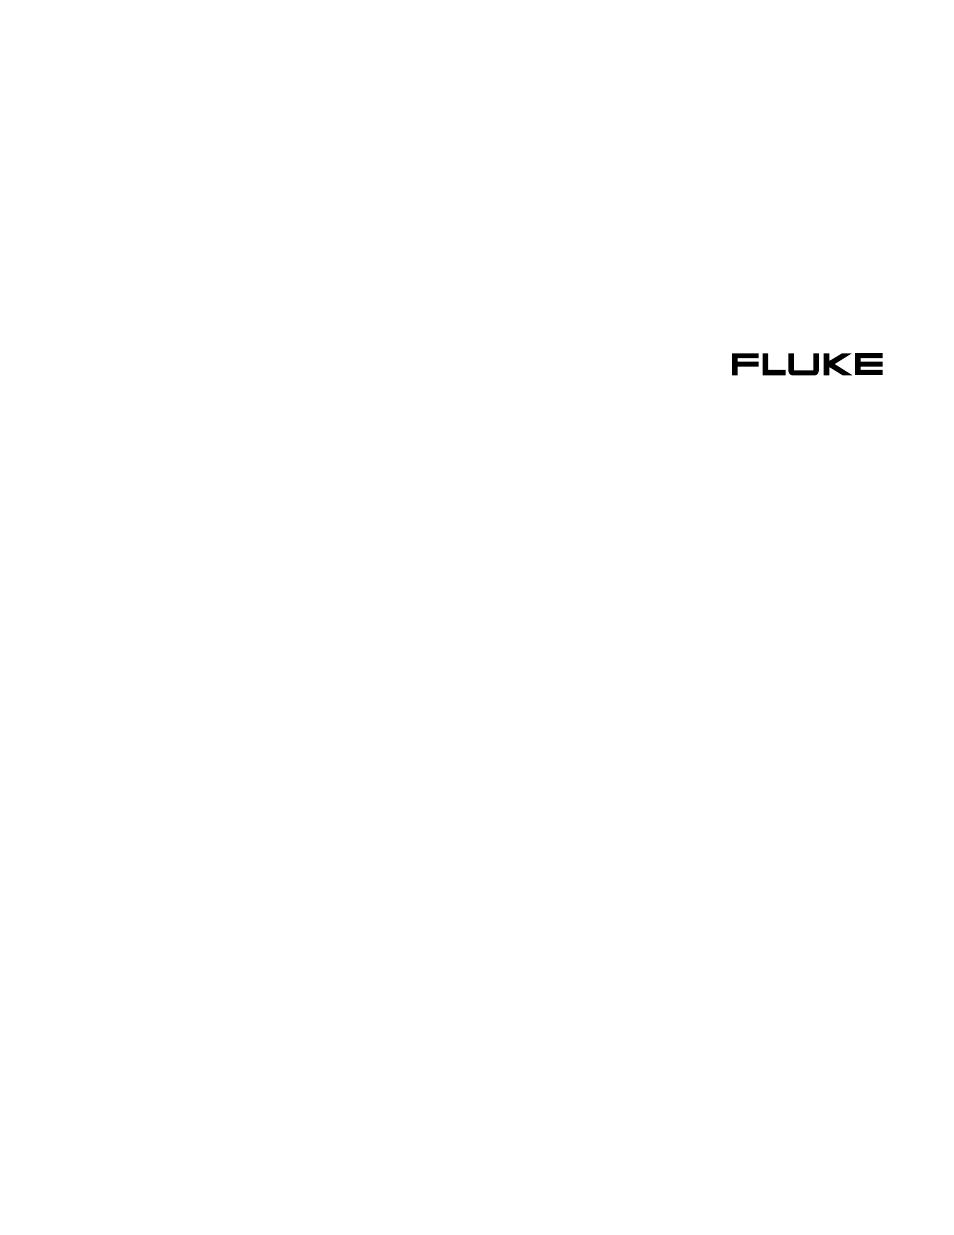 fluke 189 user manual 96 pages rh manualsdir com True RMS Fluke Meters True RMS Fluke Meters